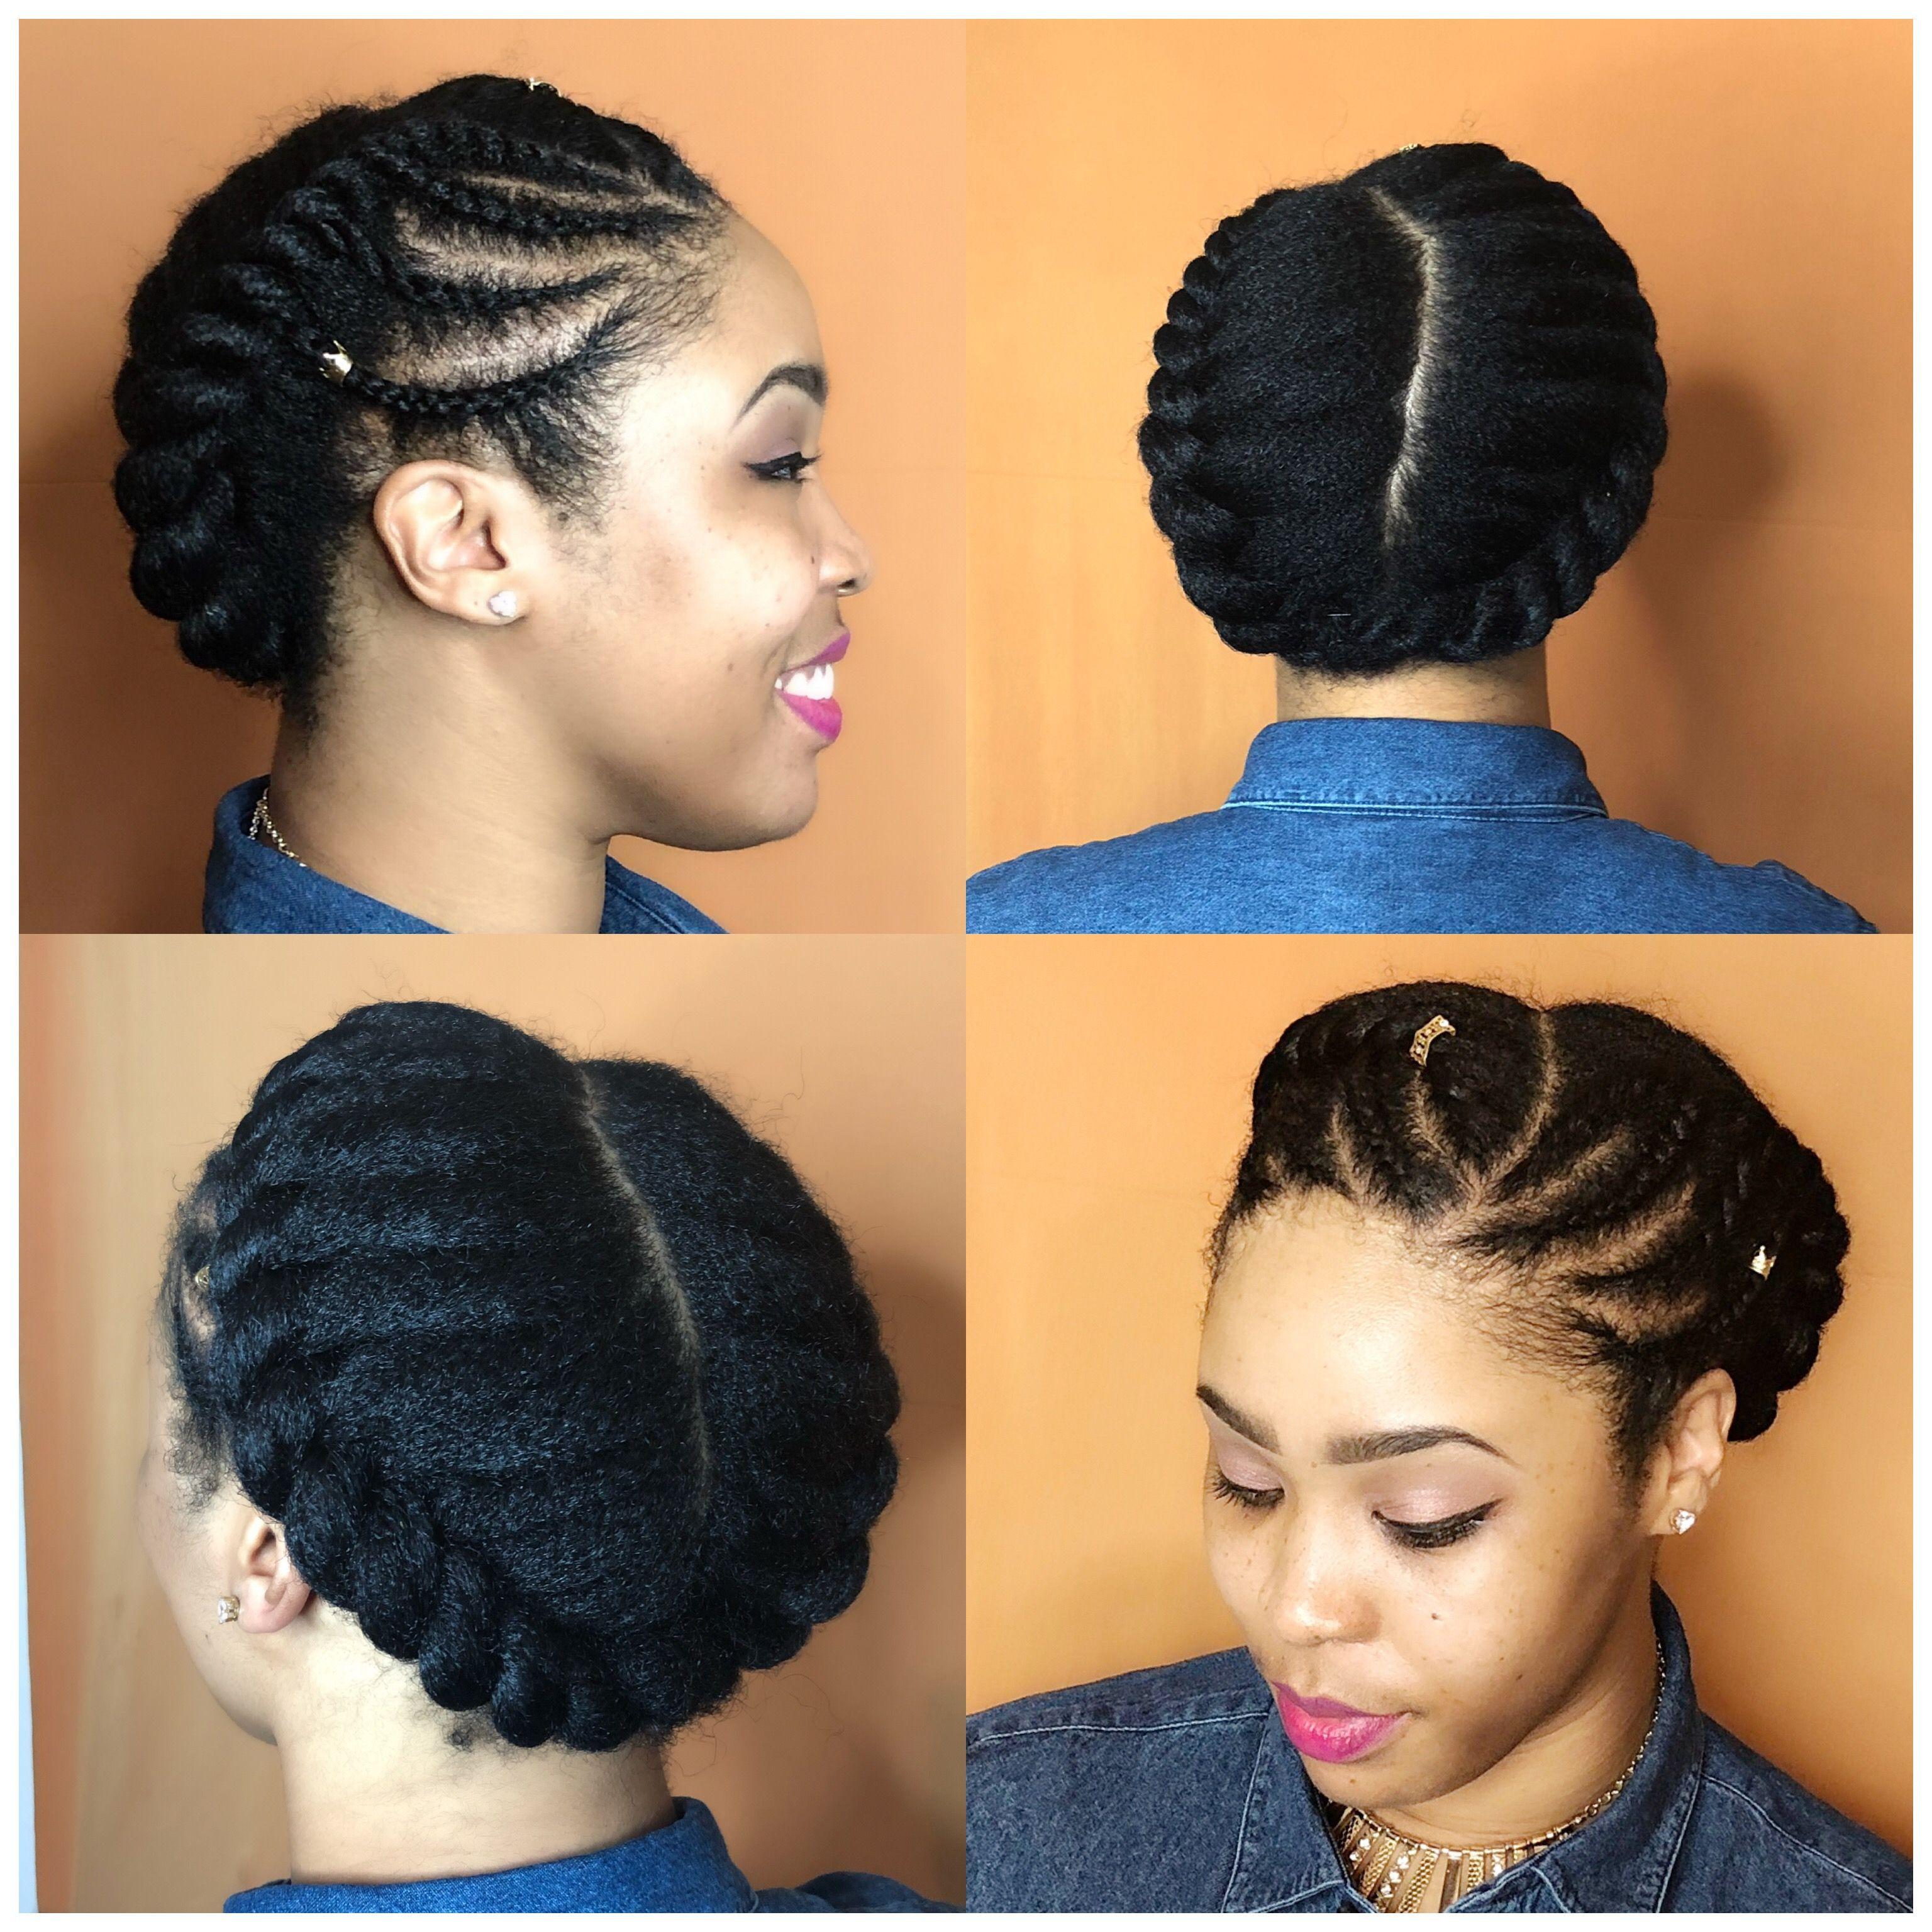 Pin By Mbali Ntshulane On Natural Hair Natural Hair Styles